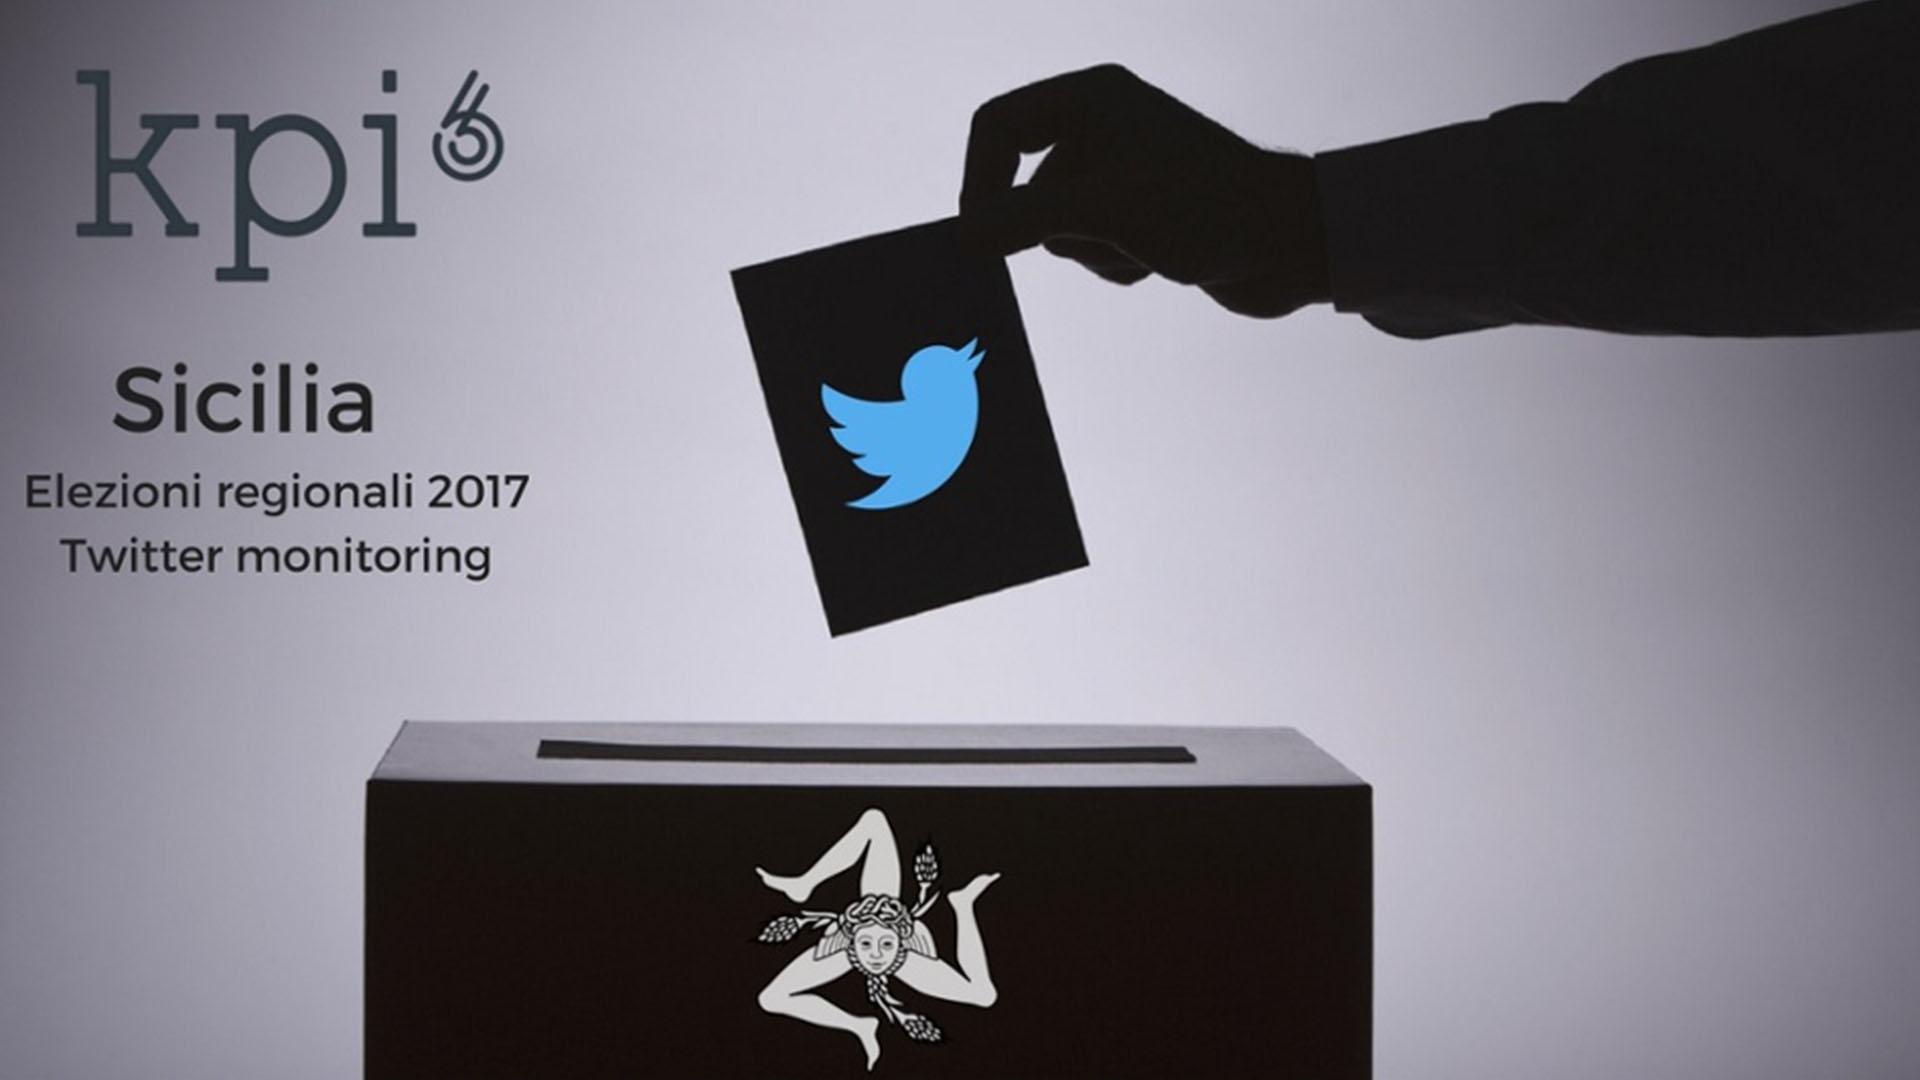 Elezioni Sicilia, il Social Listening vi racconta la campagna Twitter